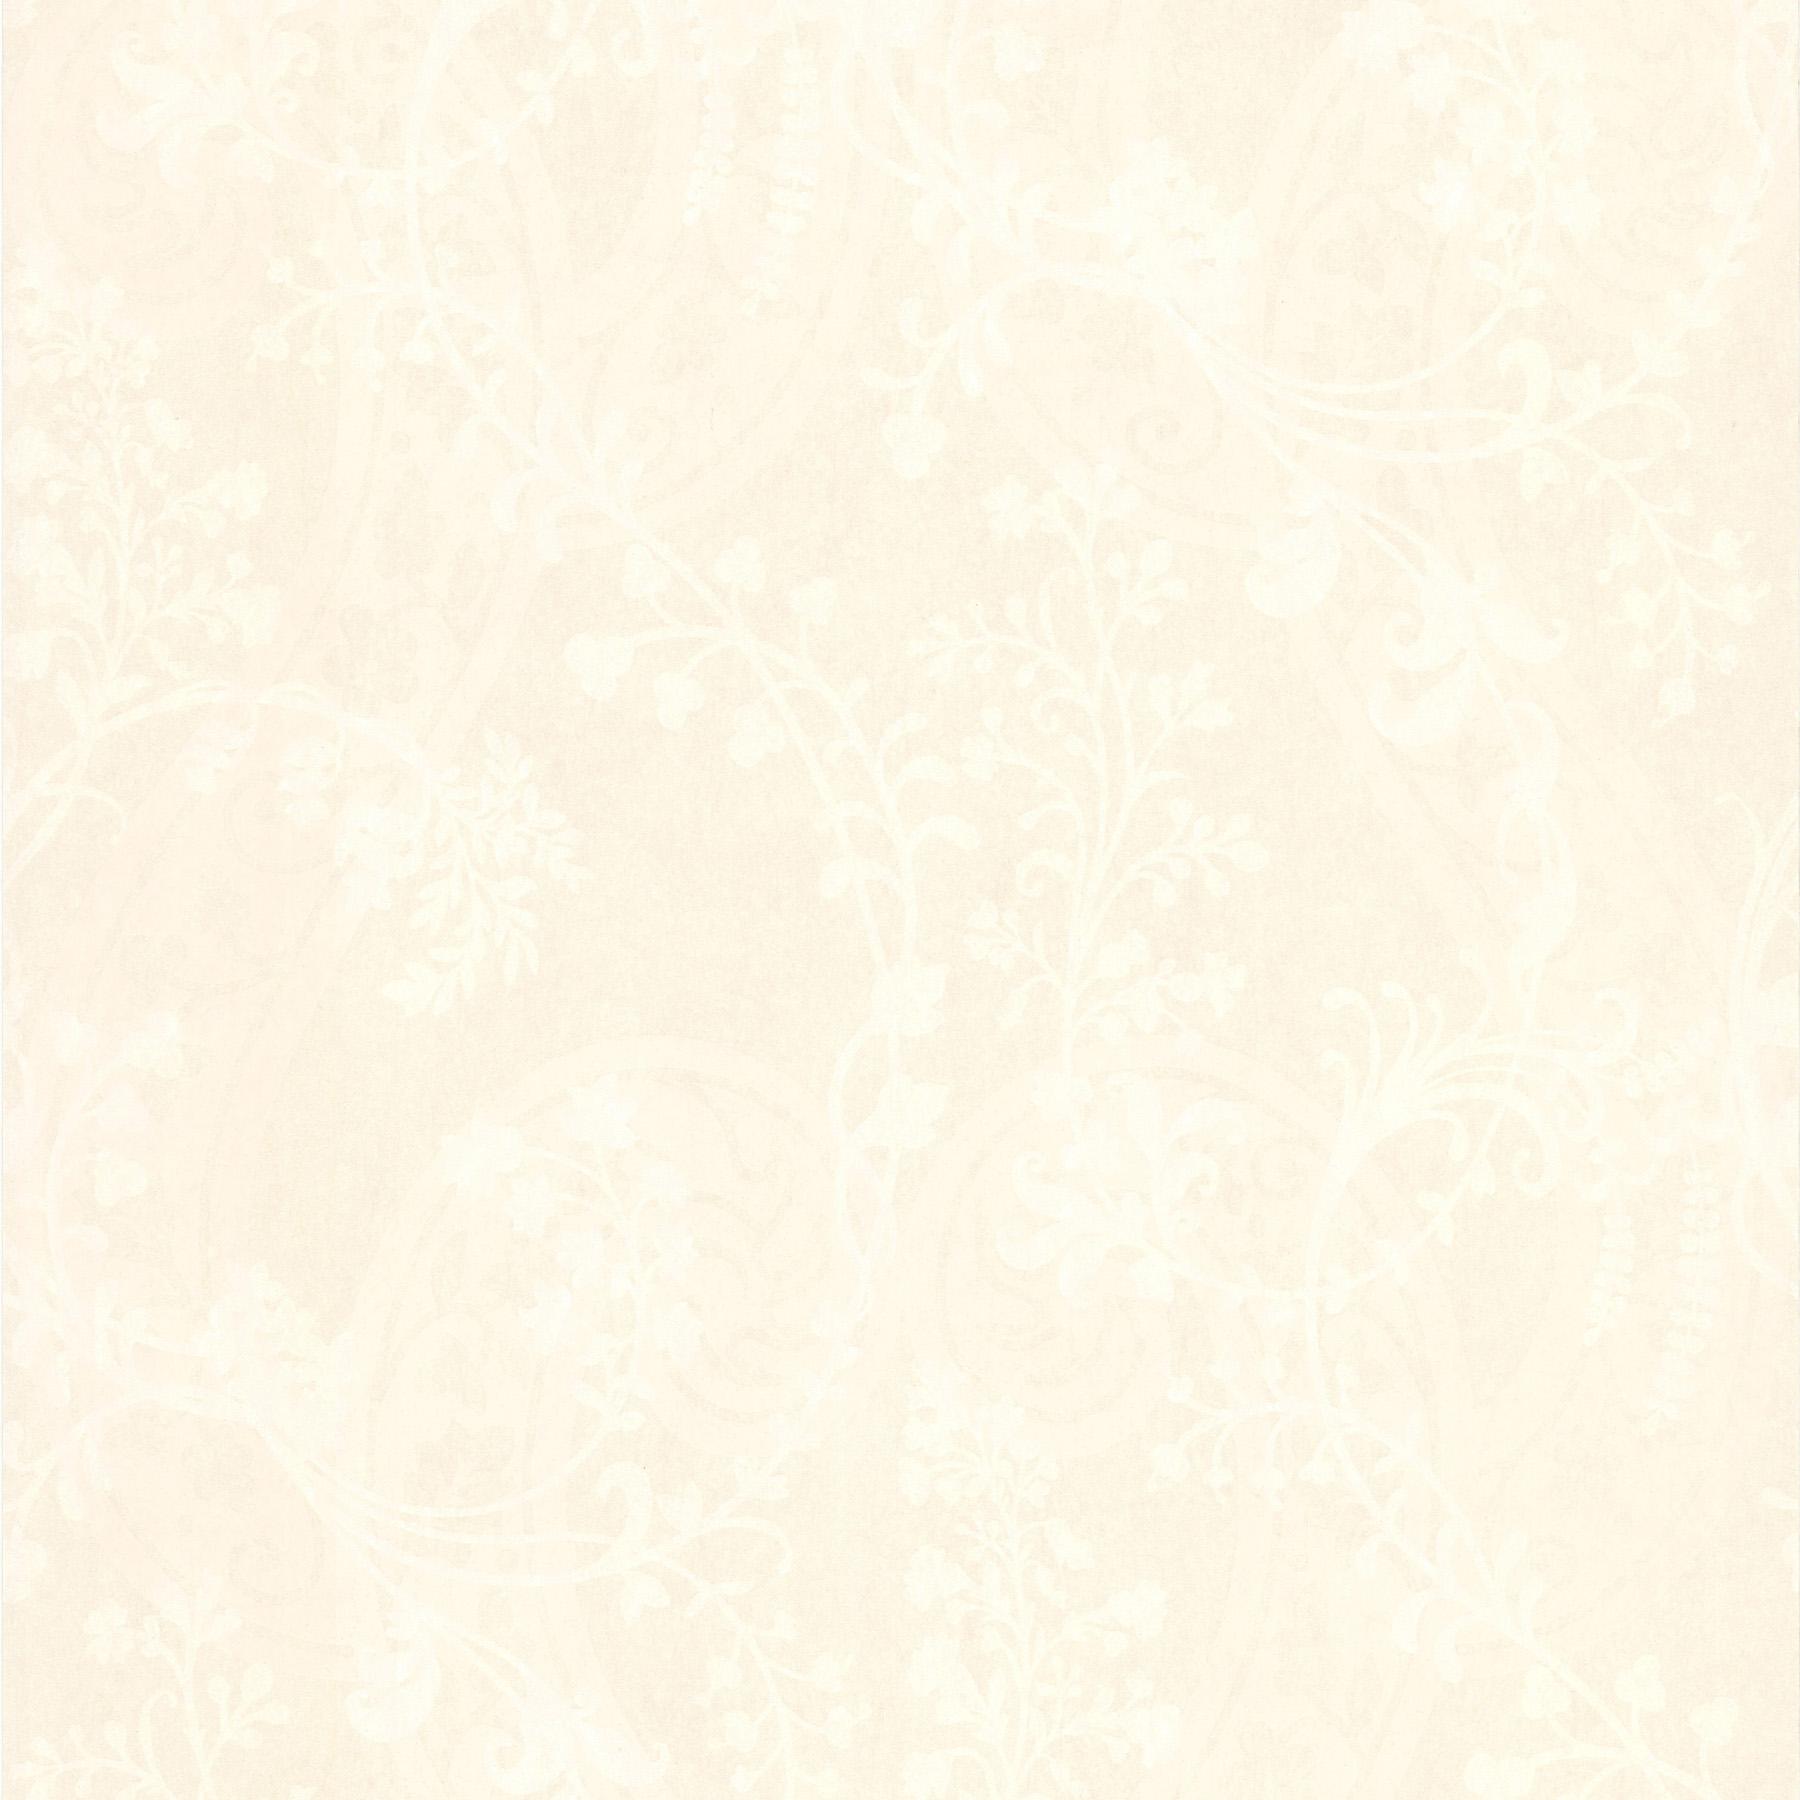 Papel de Parede Código: 301-66900